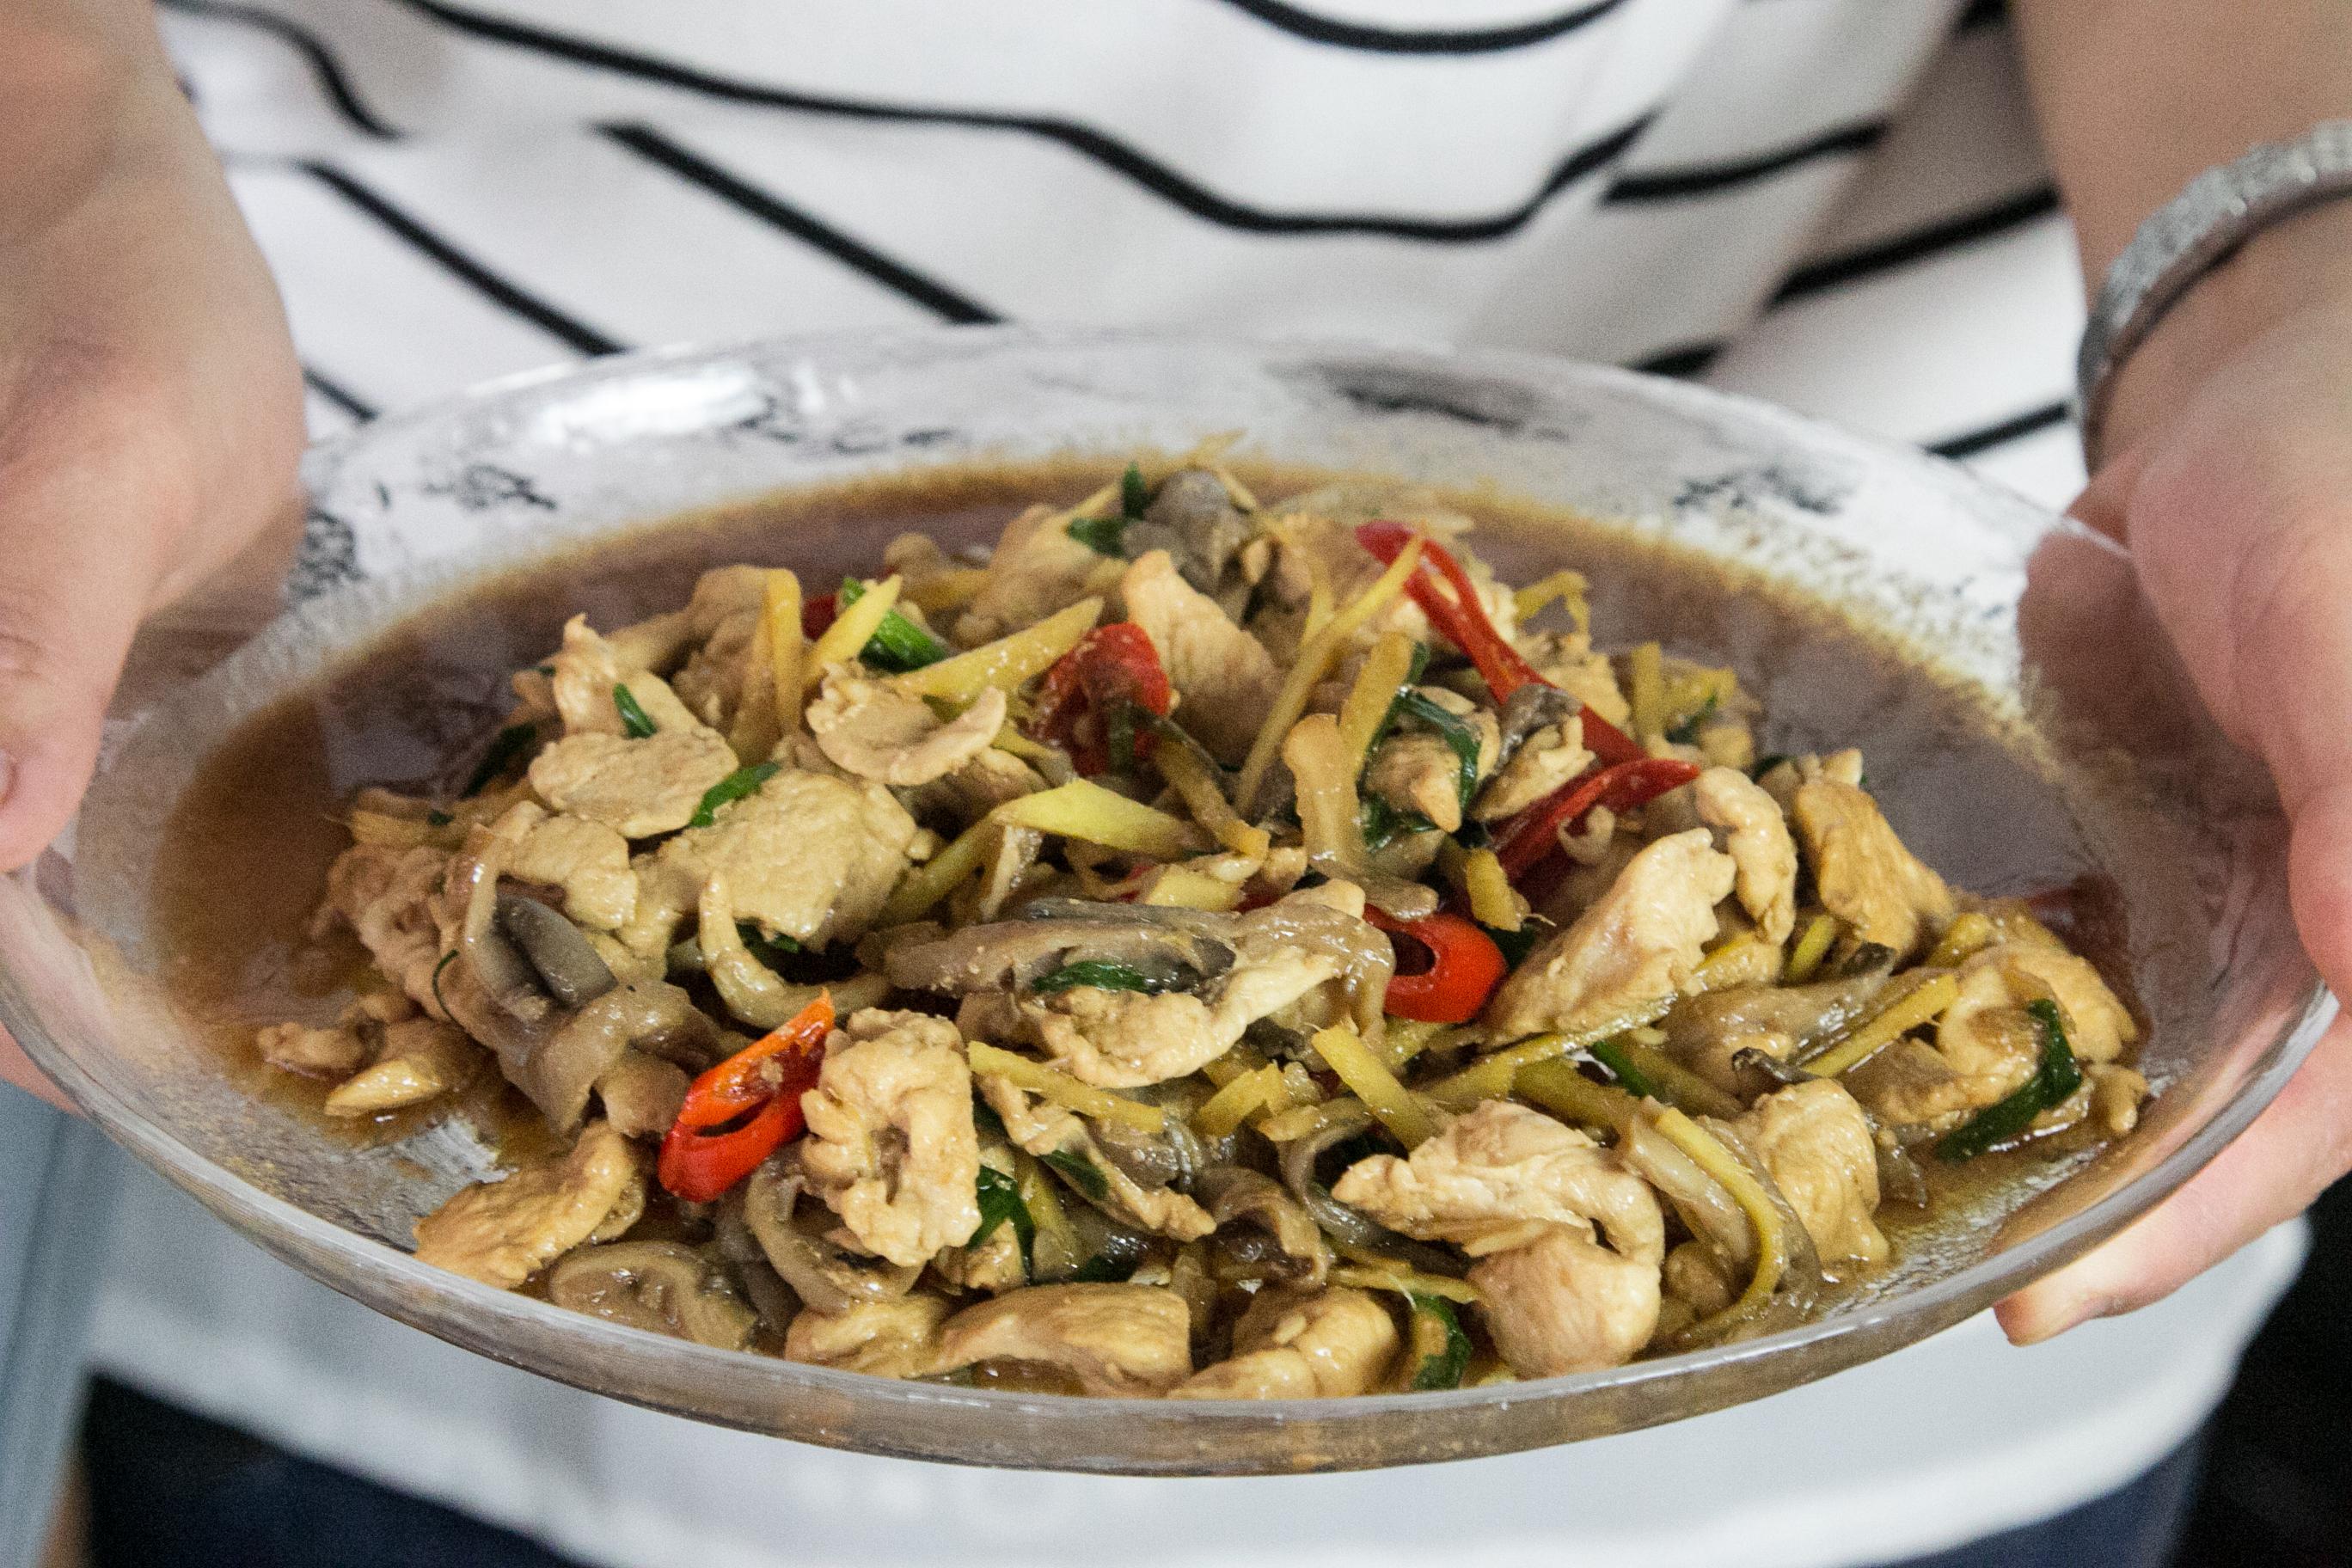 Gai Pad Khing, Thailändisch Rezept, einfache Alltagsrezepte